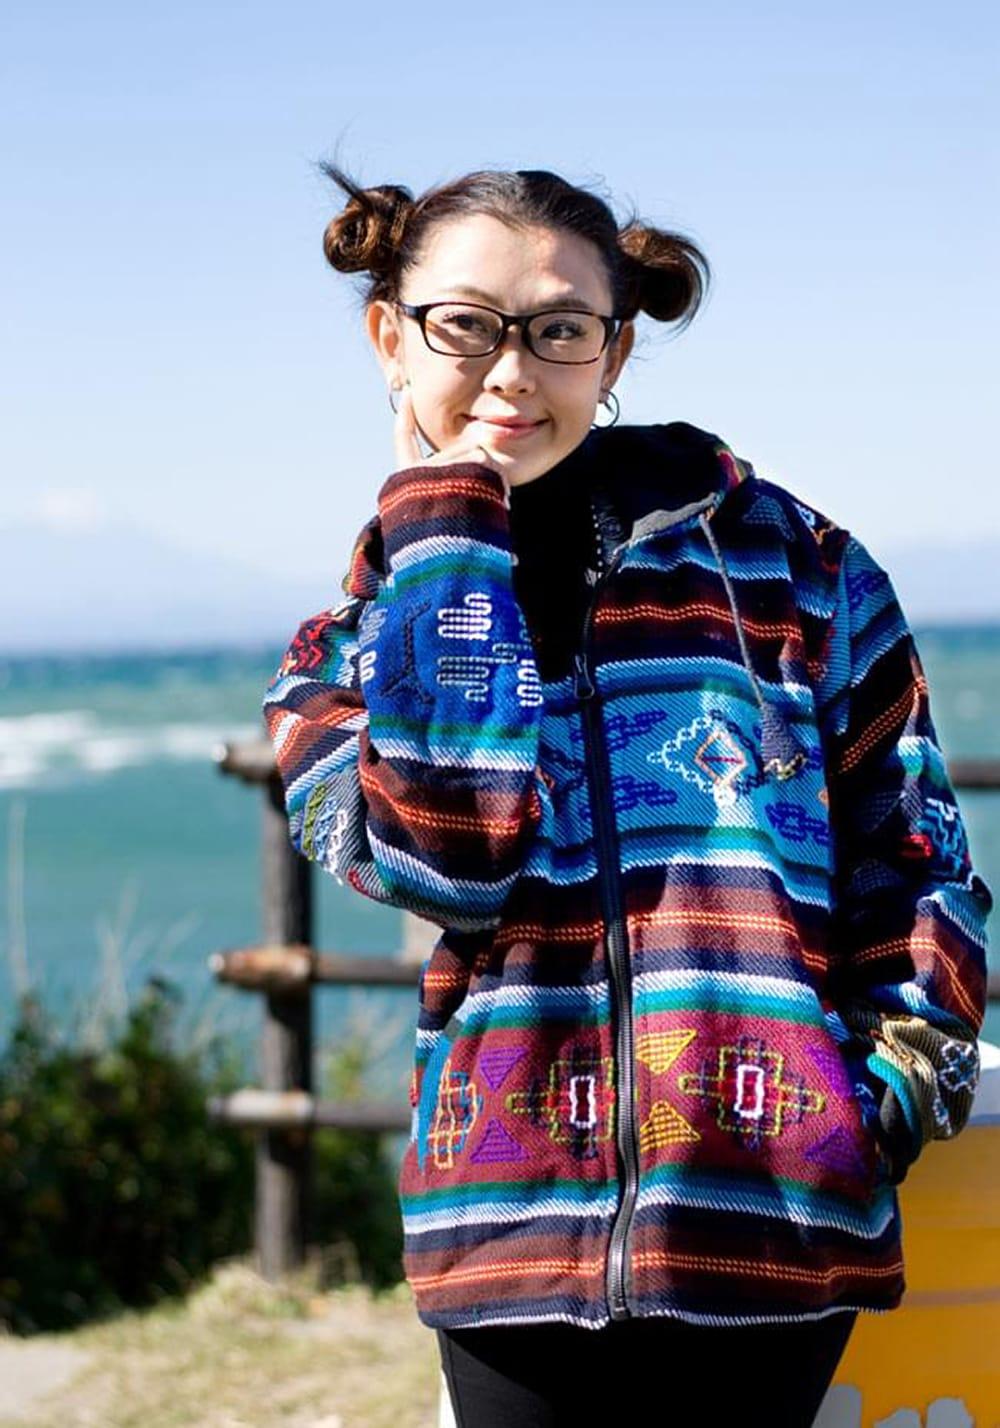 ネパール民族織り布のカラフルジャケット 2 - 水色:身長150cmのスタッフが着てみました。こちらはサイズMサイズです。インナーは厚手のものも着れちゃいます!